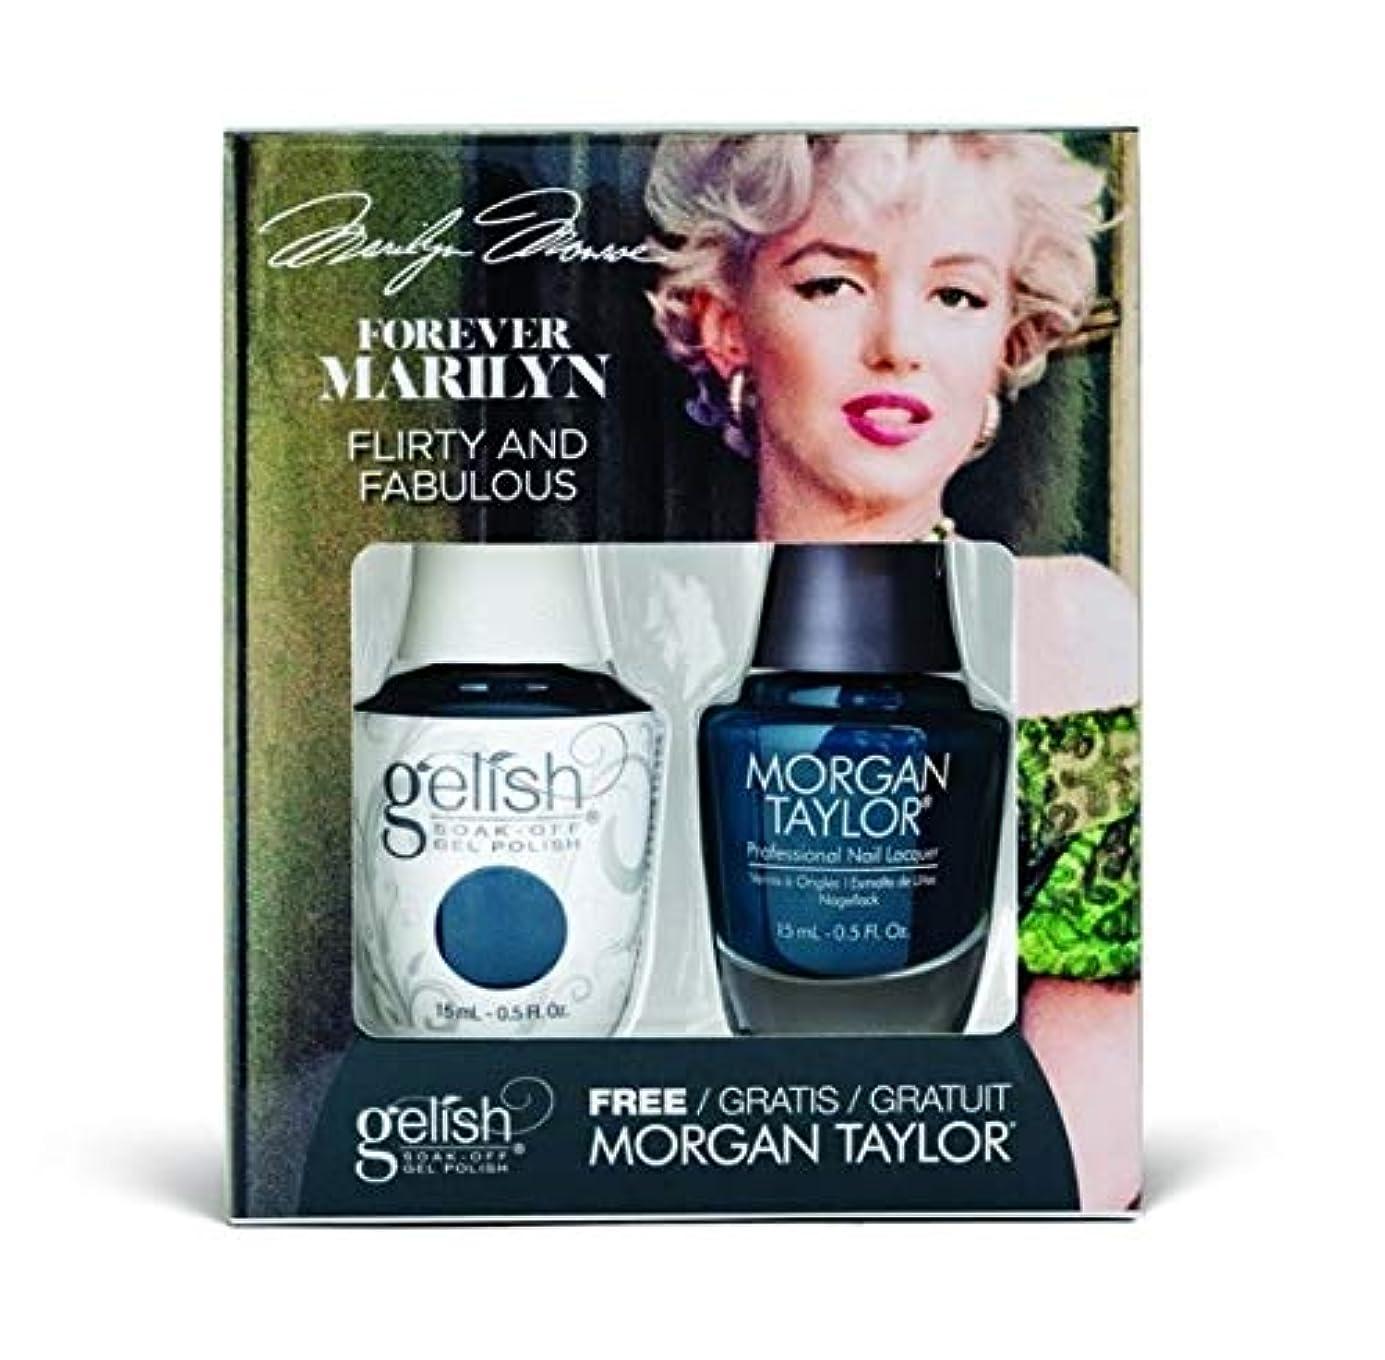 名前を作るスポーツマン敷居Harmony Gelish - Two of a Kind - Forever Marilyn Fall 2019 Collection - Flirty and Fabulous - 15ml / 0.5oz